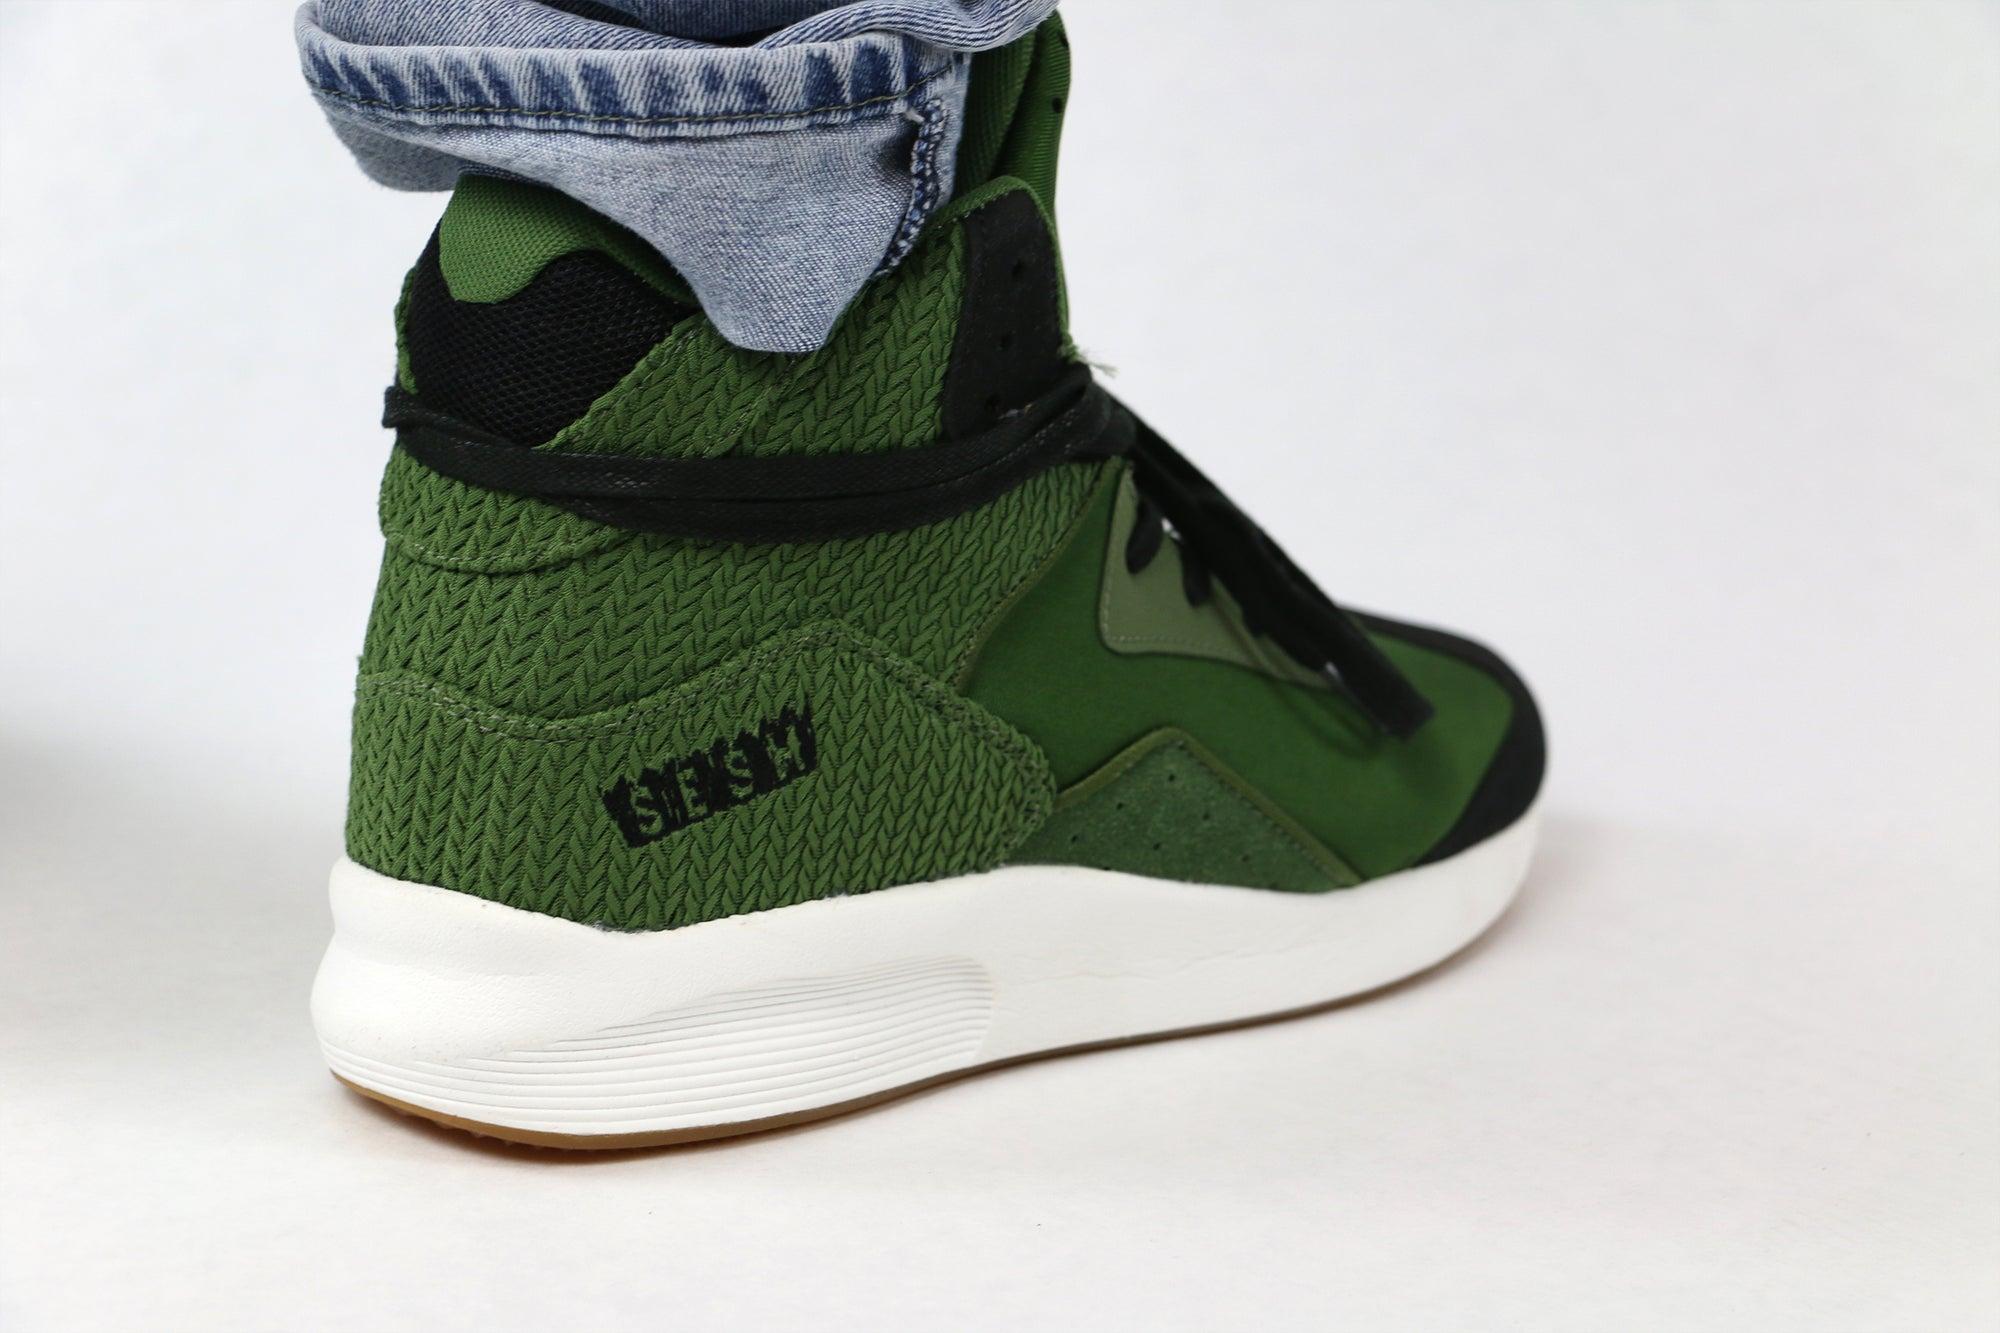 Teamsesh Sesh Quot Creep Quot Sneaker